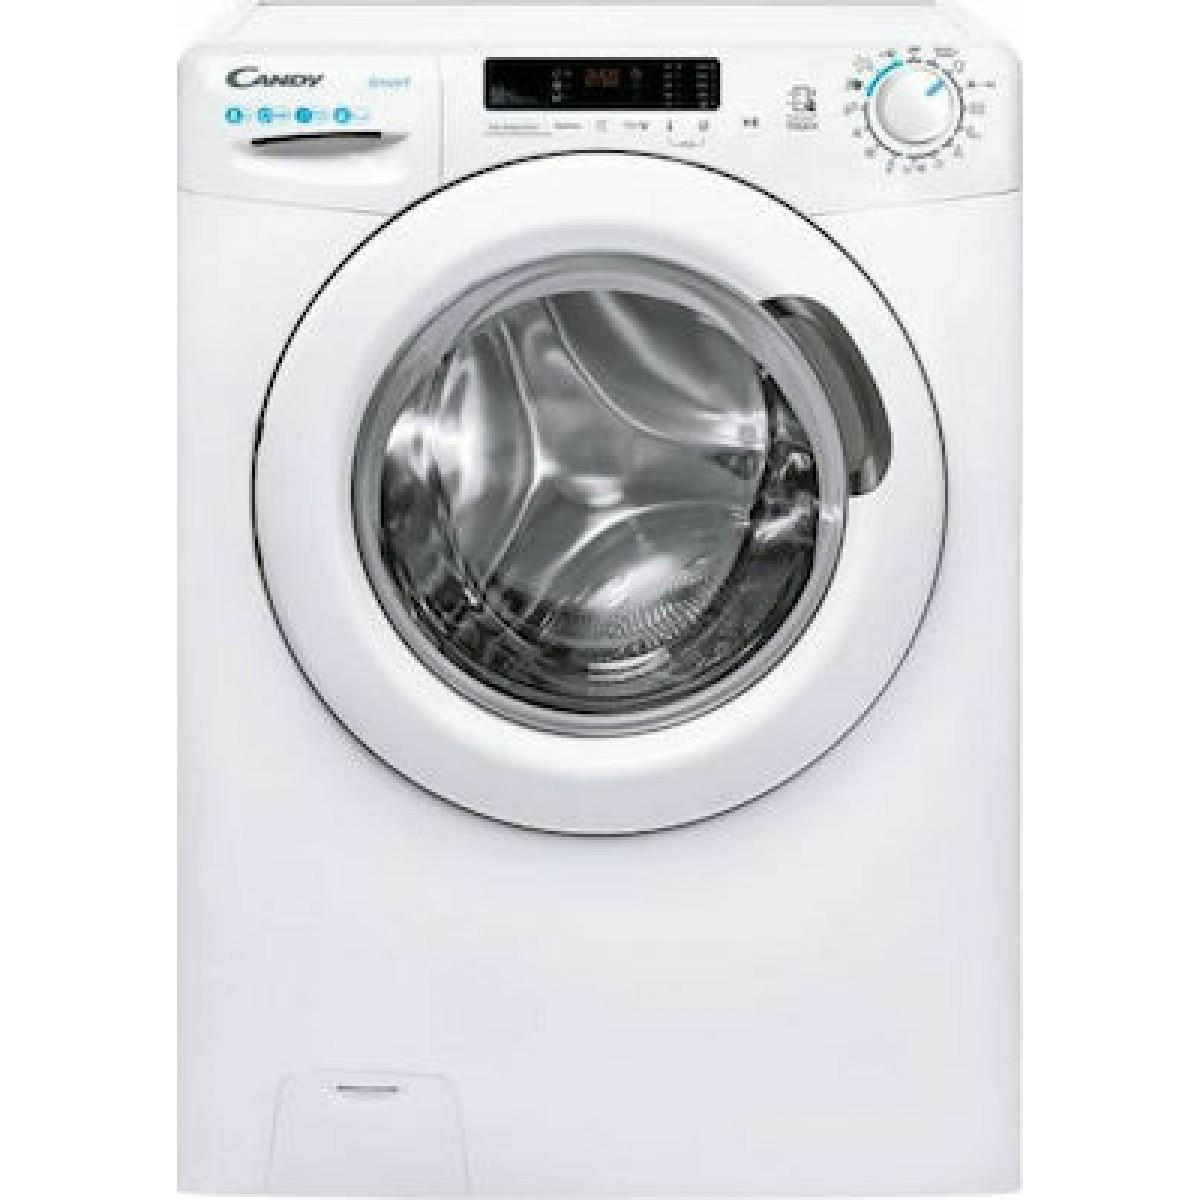 Πλυντήριο Ρούχων Candy CS 1482DΕ/1-S 8Kg Α+++ Πλυντήρια ρούχων